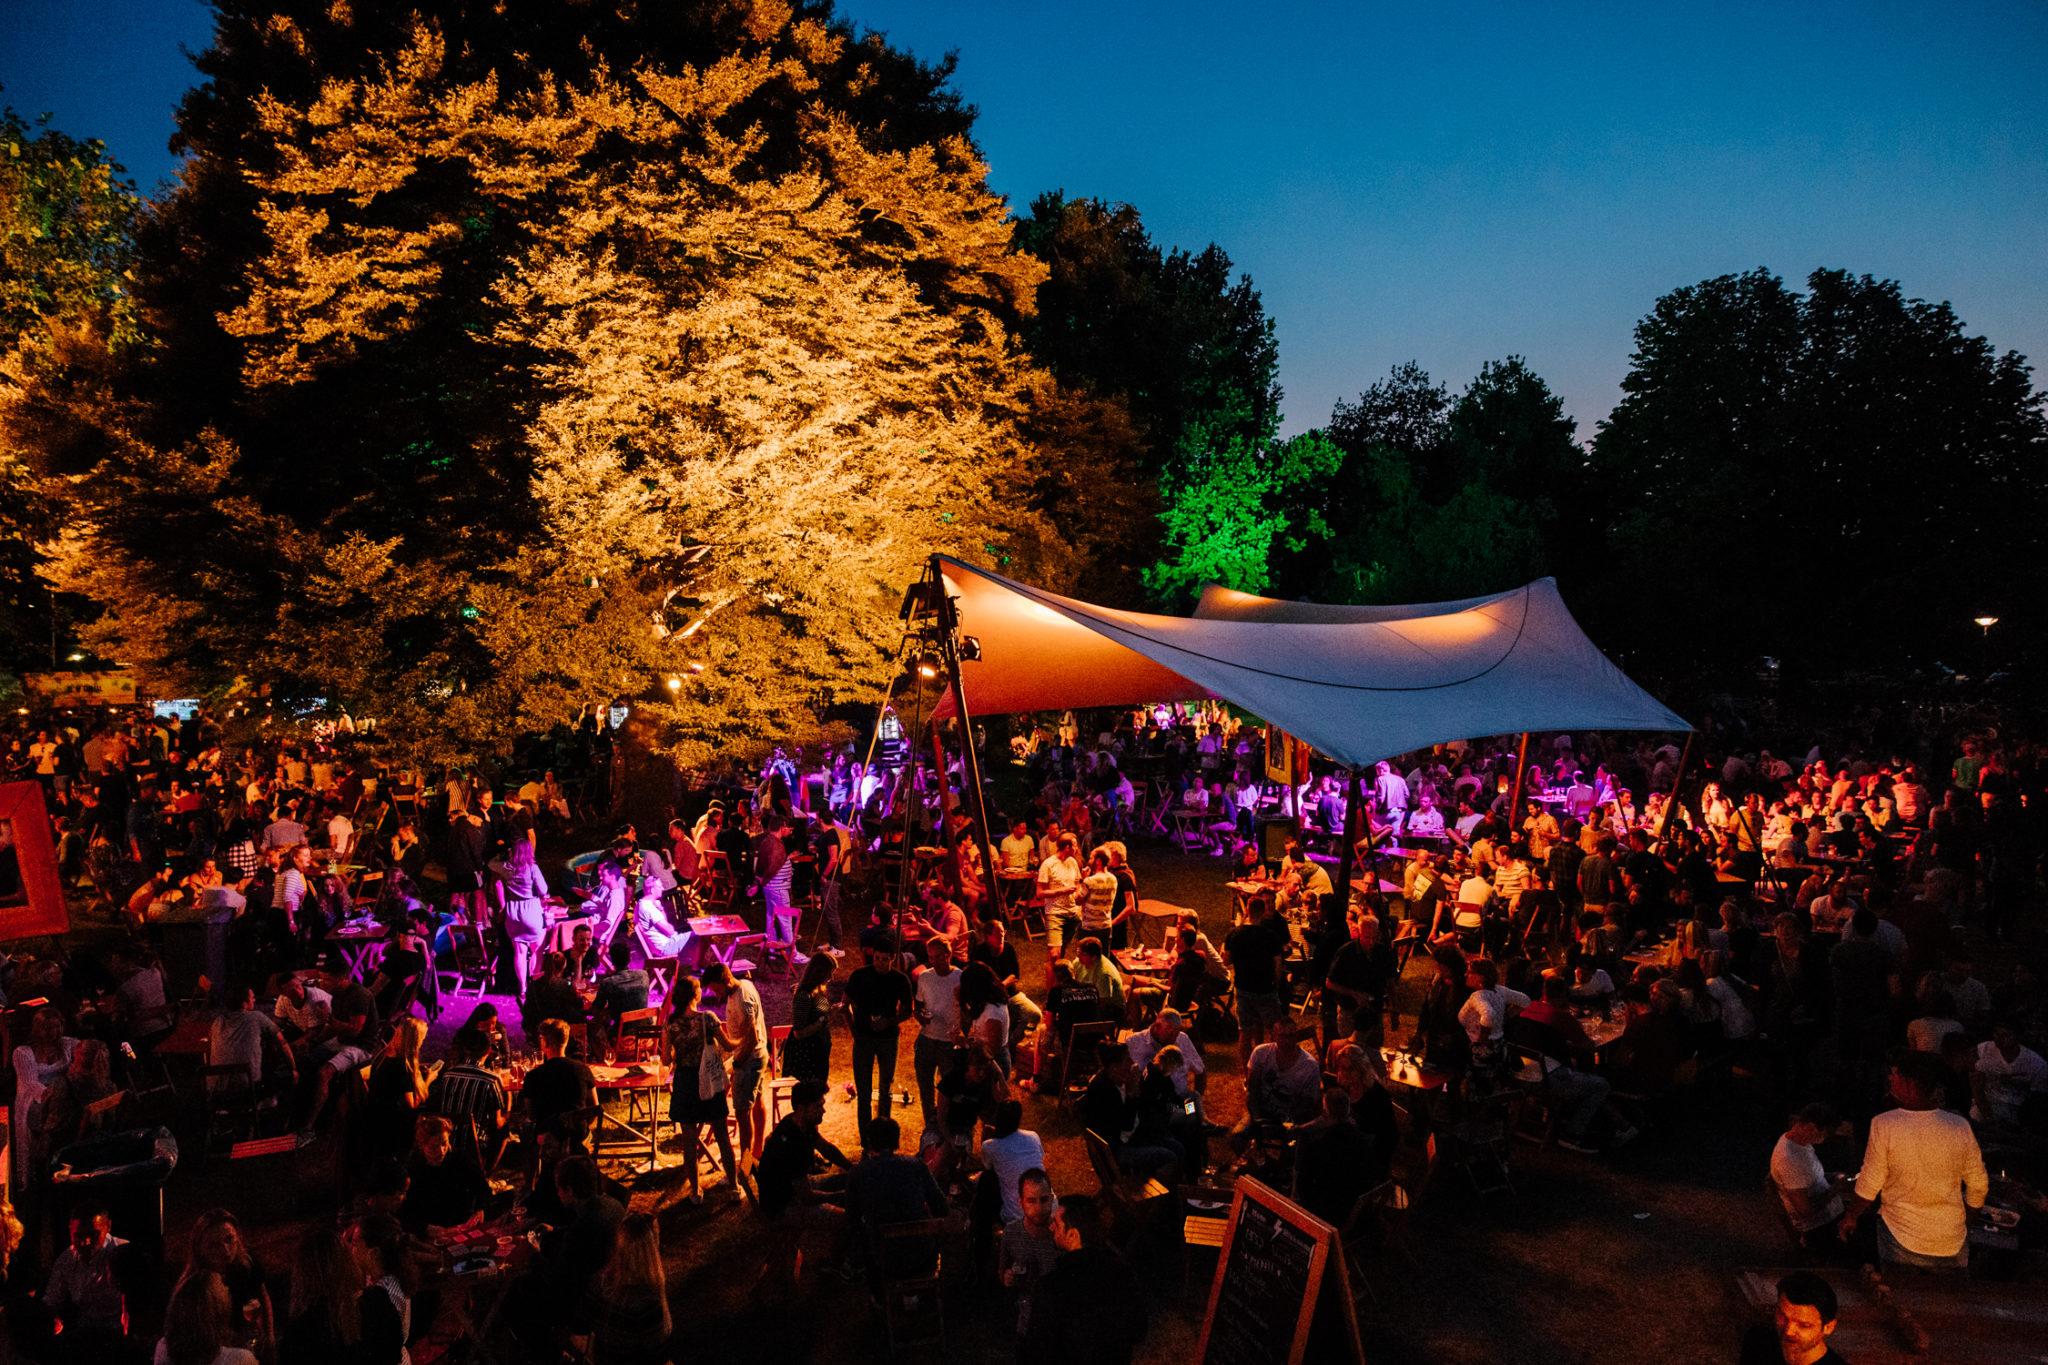 Mout Bierfestival Nijmegen 2019, Nijmegen by We Do © Mout Festival B.V.